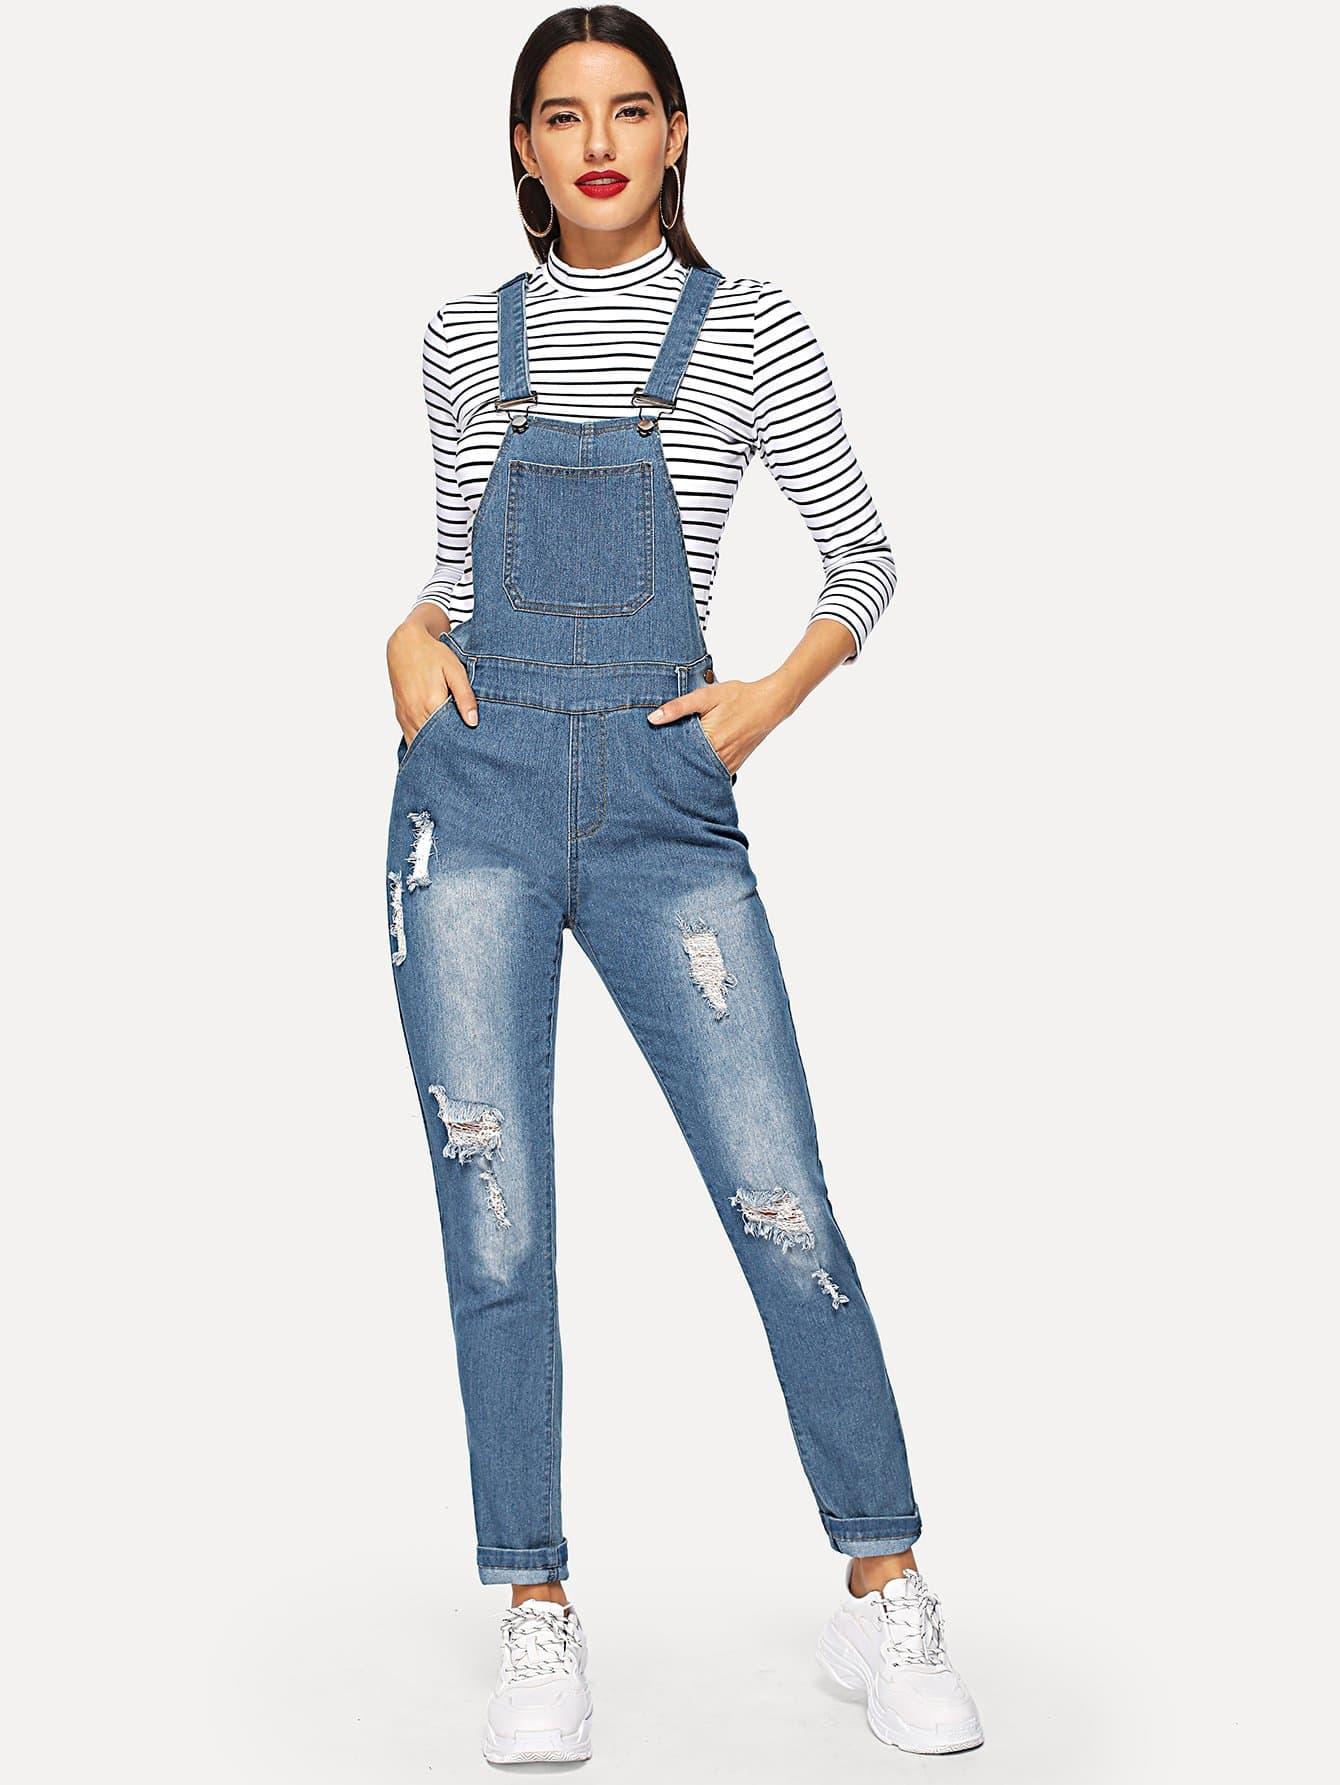 Купить Рваный джинсовый комбинезон с карманом, Juliana, SheIn